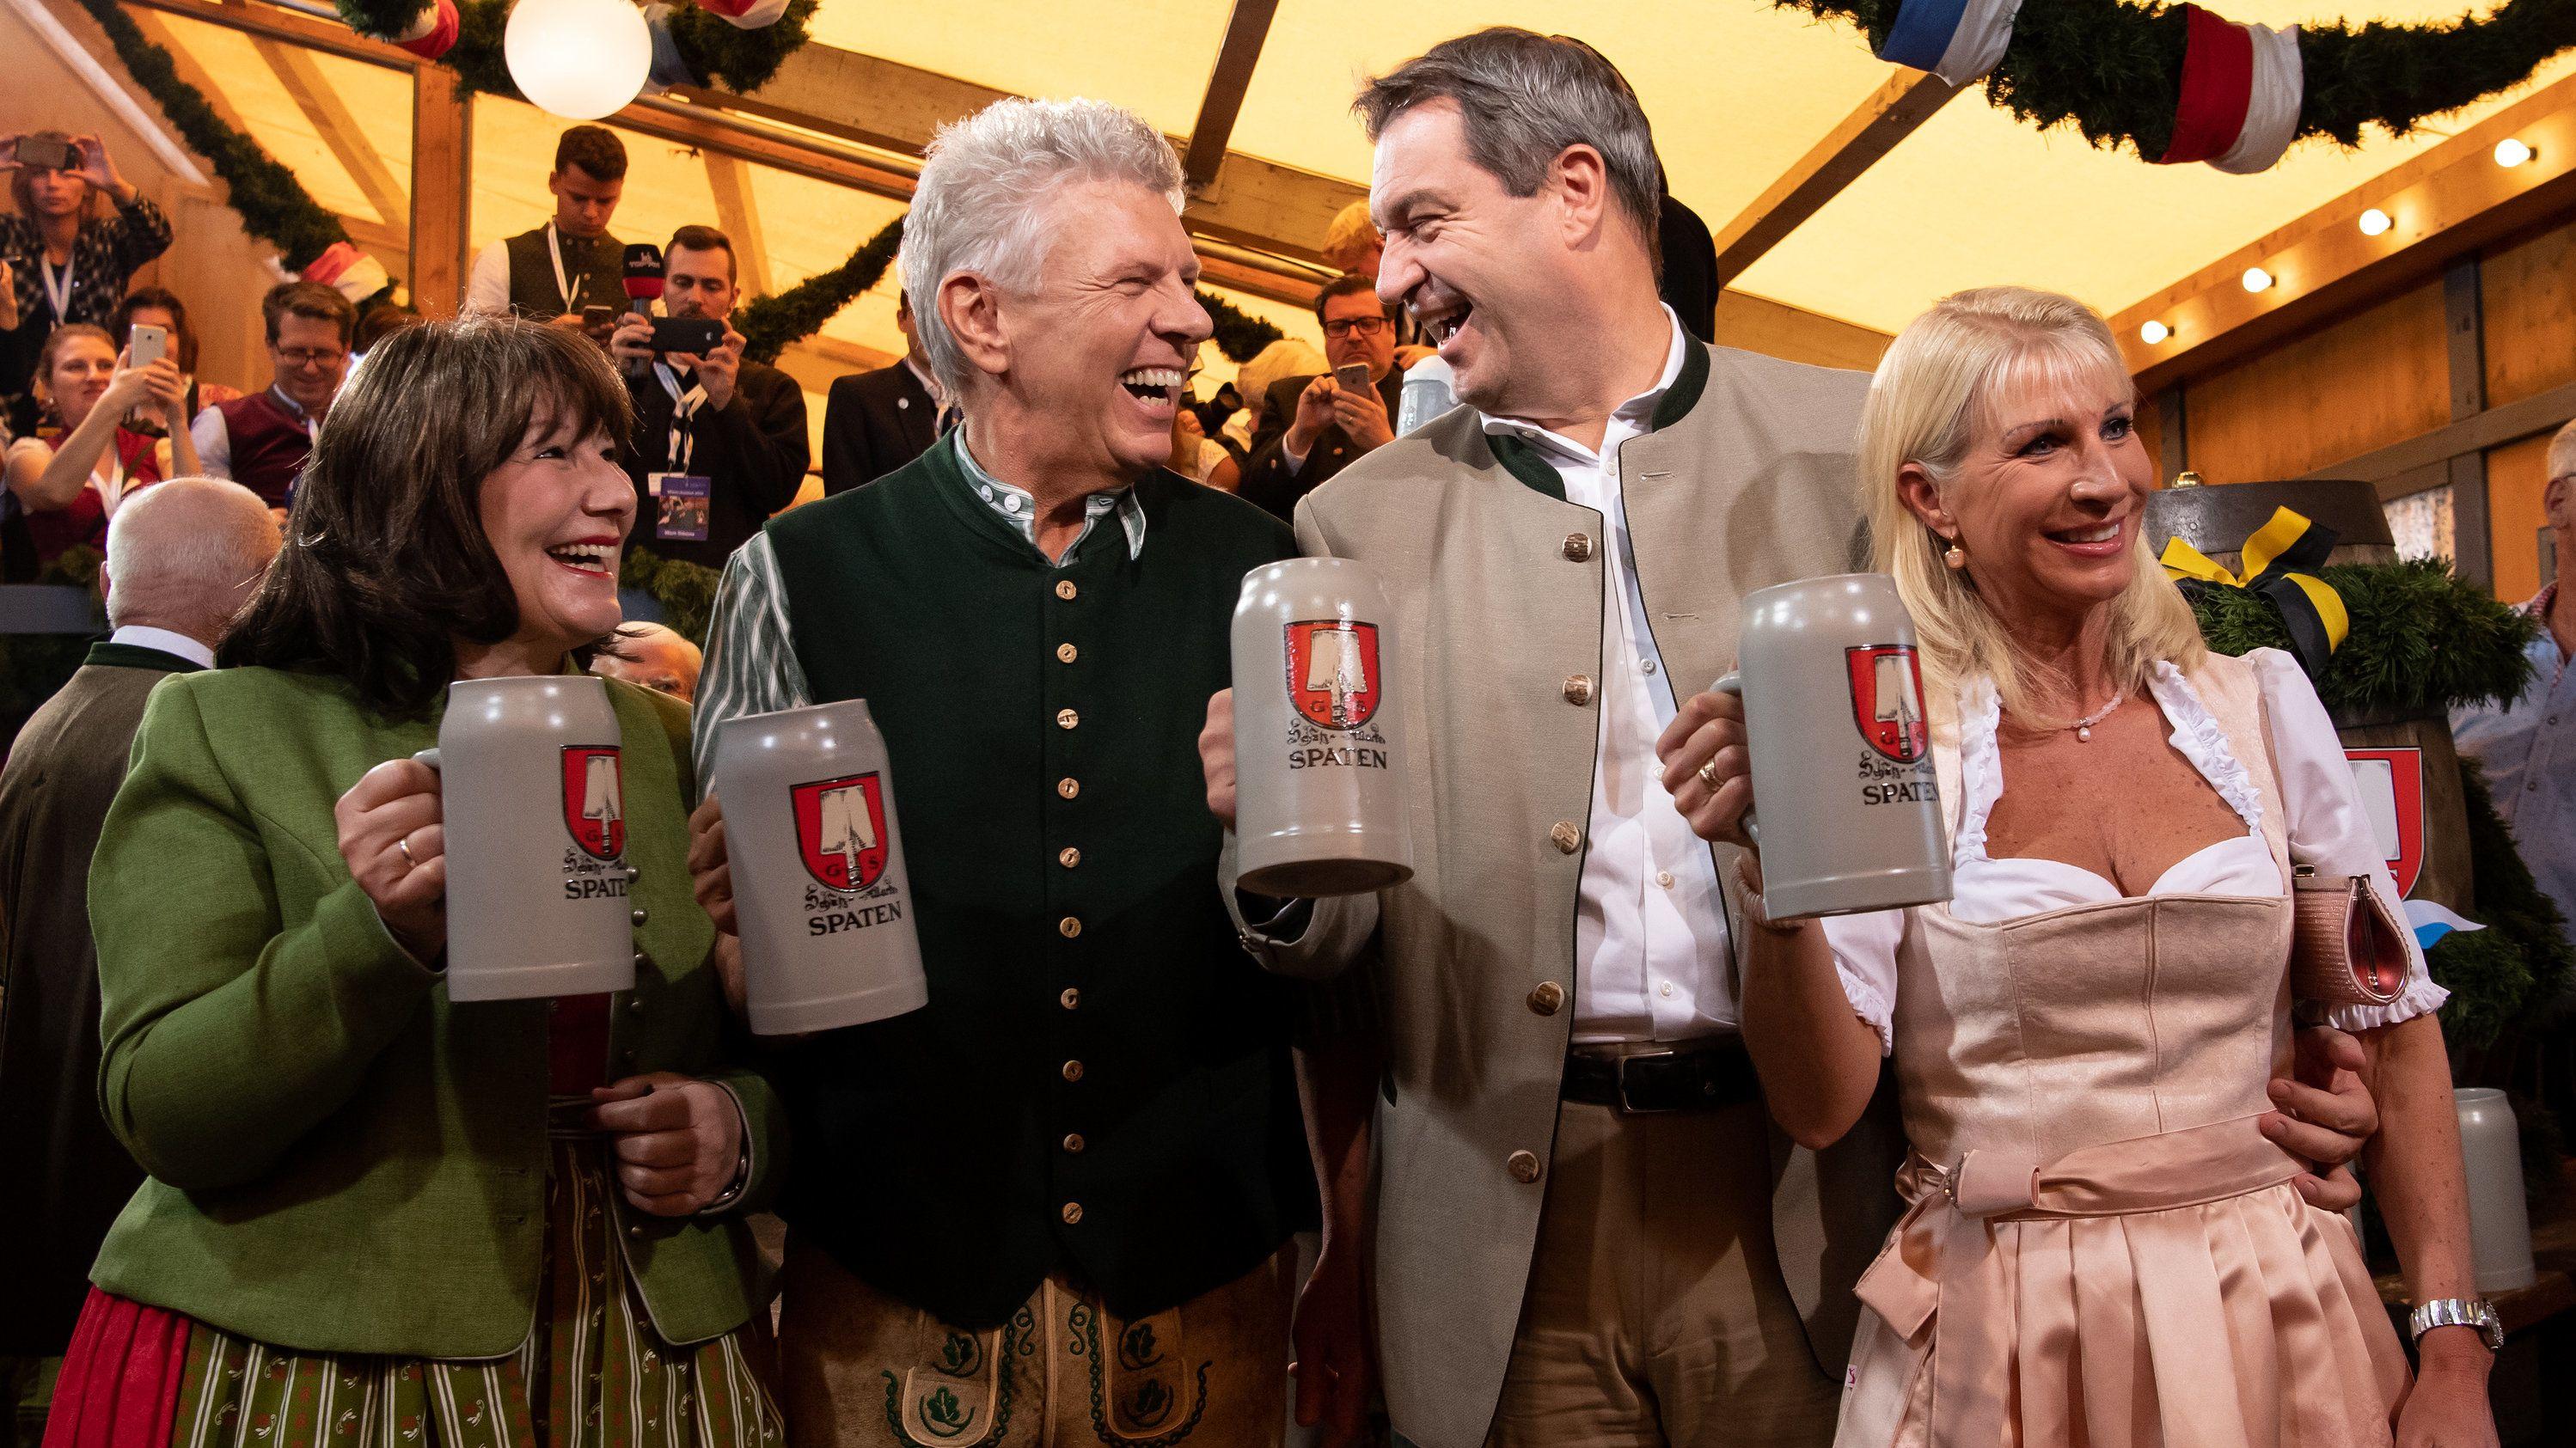 OB Dieter Reiter (SPD, 2.v.l), seine Frau Petra (l.), Ministerpräsident Markus Söder (CSU) und seine Frau Karin Baumüller-Söder auf der Wiesn.